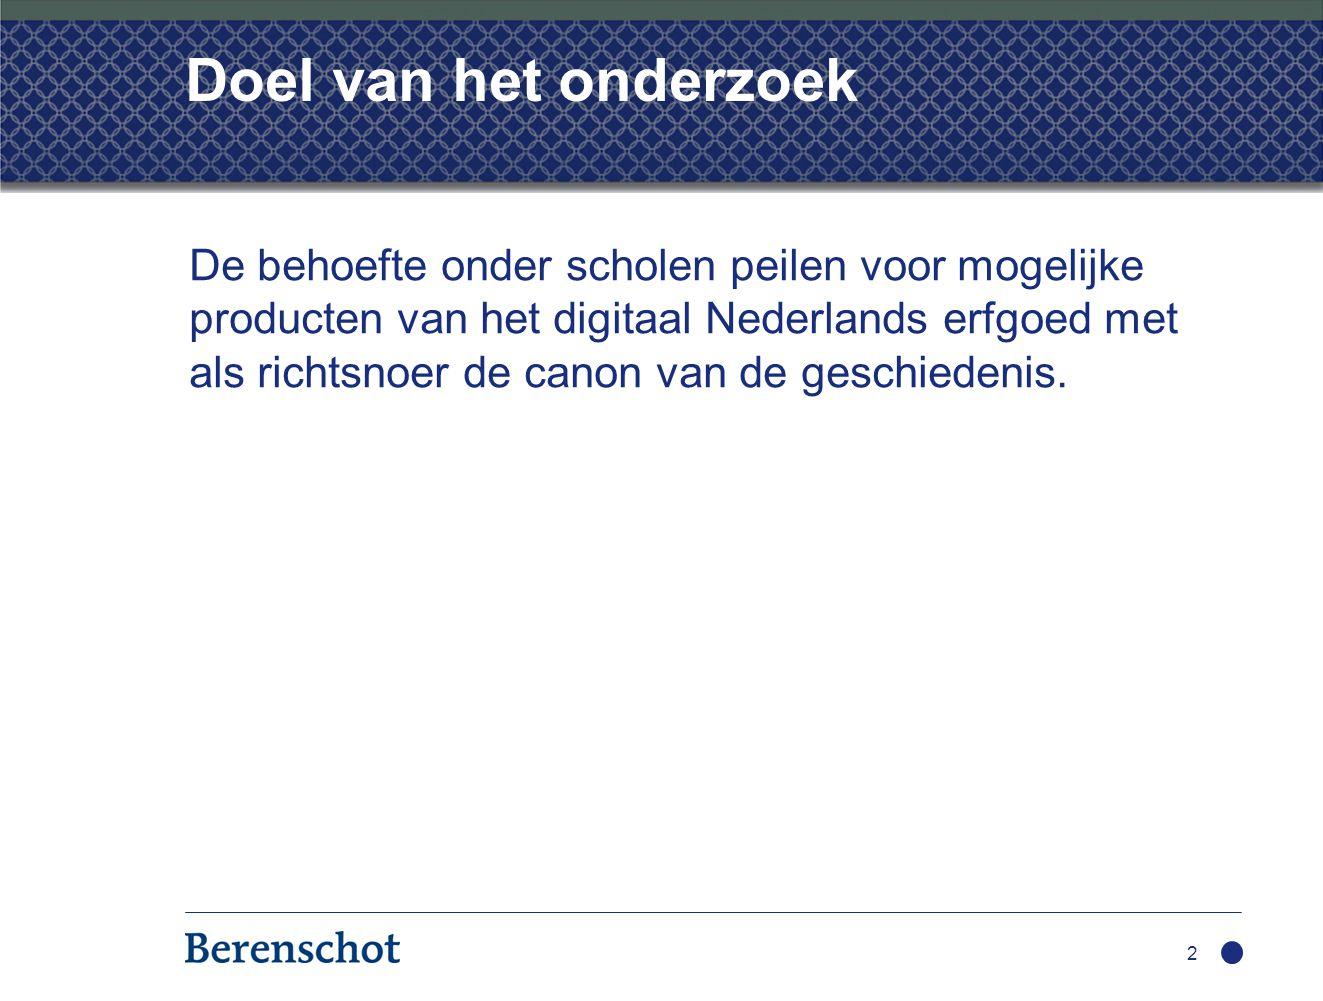 Doel van het onderzoek De behoefte onder scholen peilen voor mogelijke producten van het digitaal Nederlands erfgoed met als richtsnoer de canon van de geschiedenis.